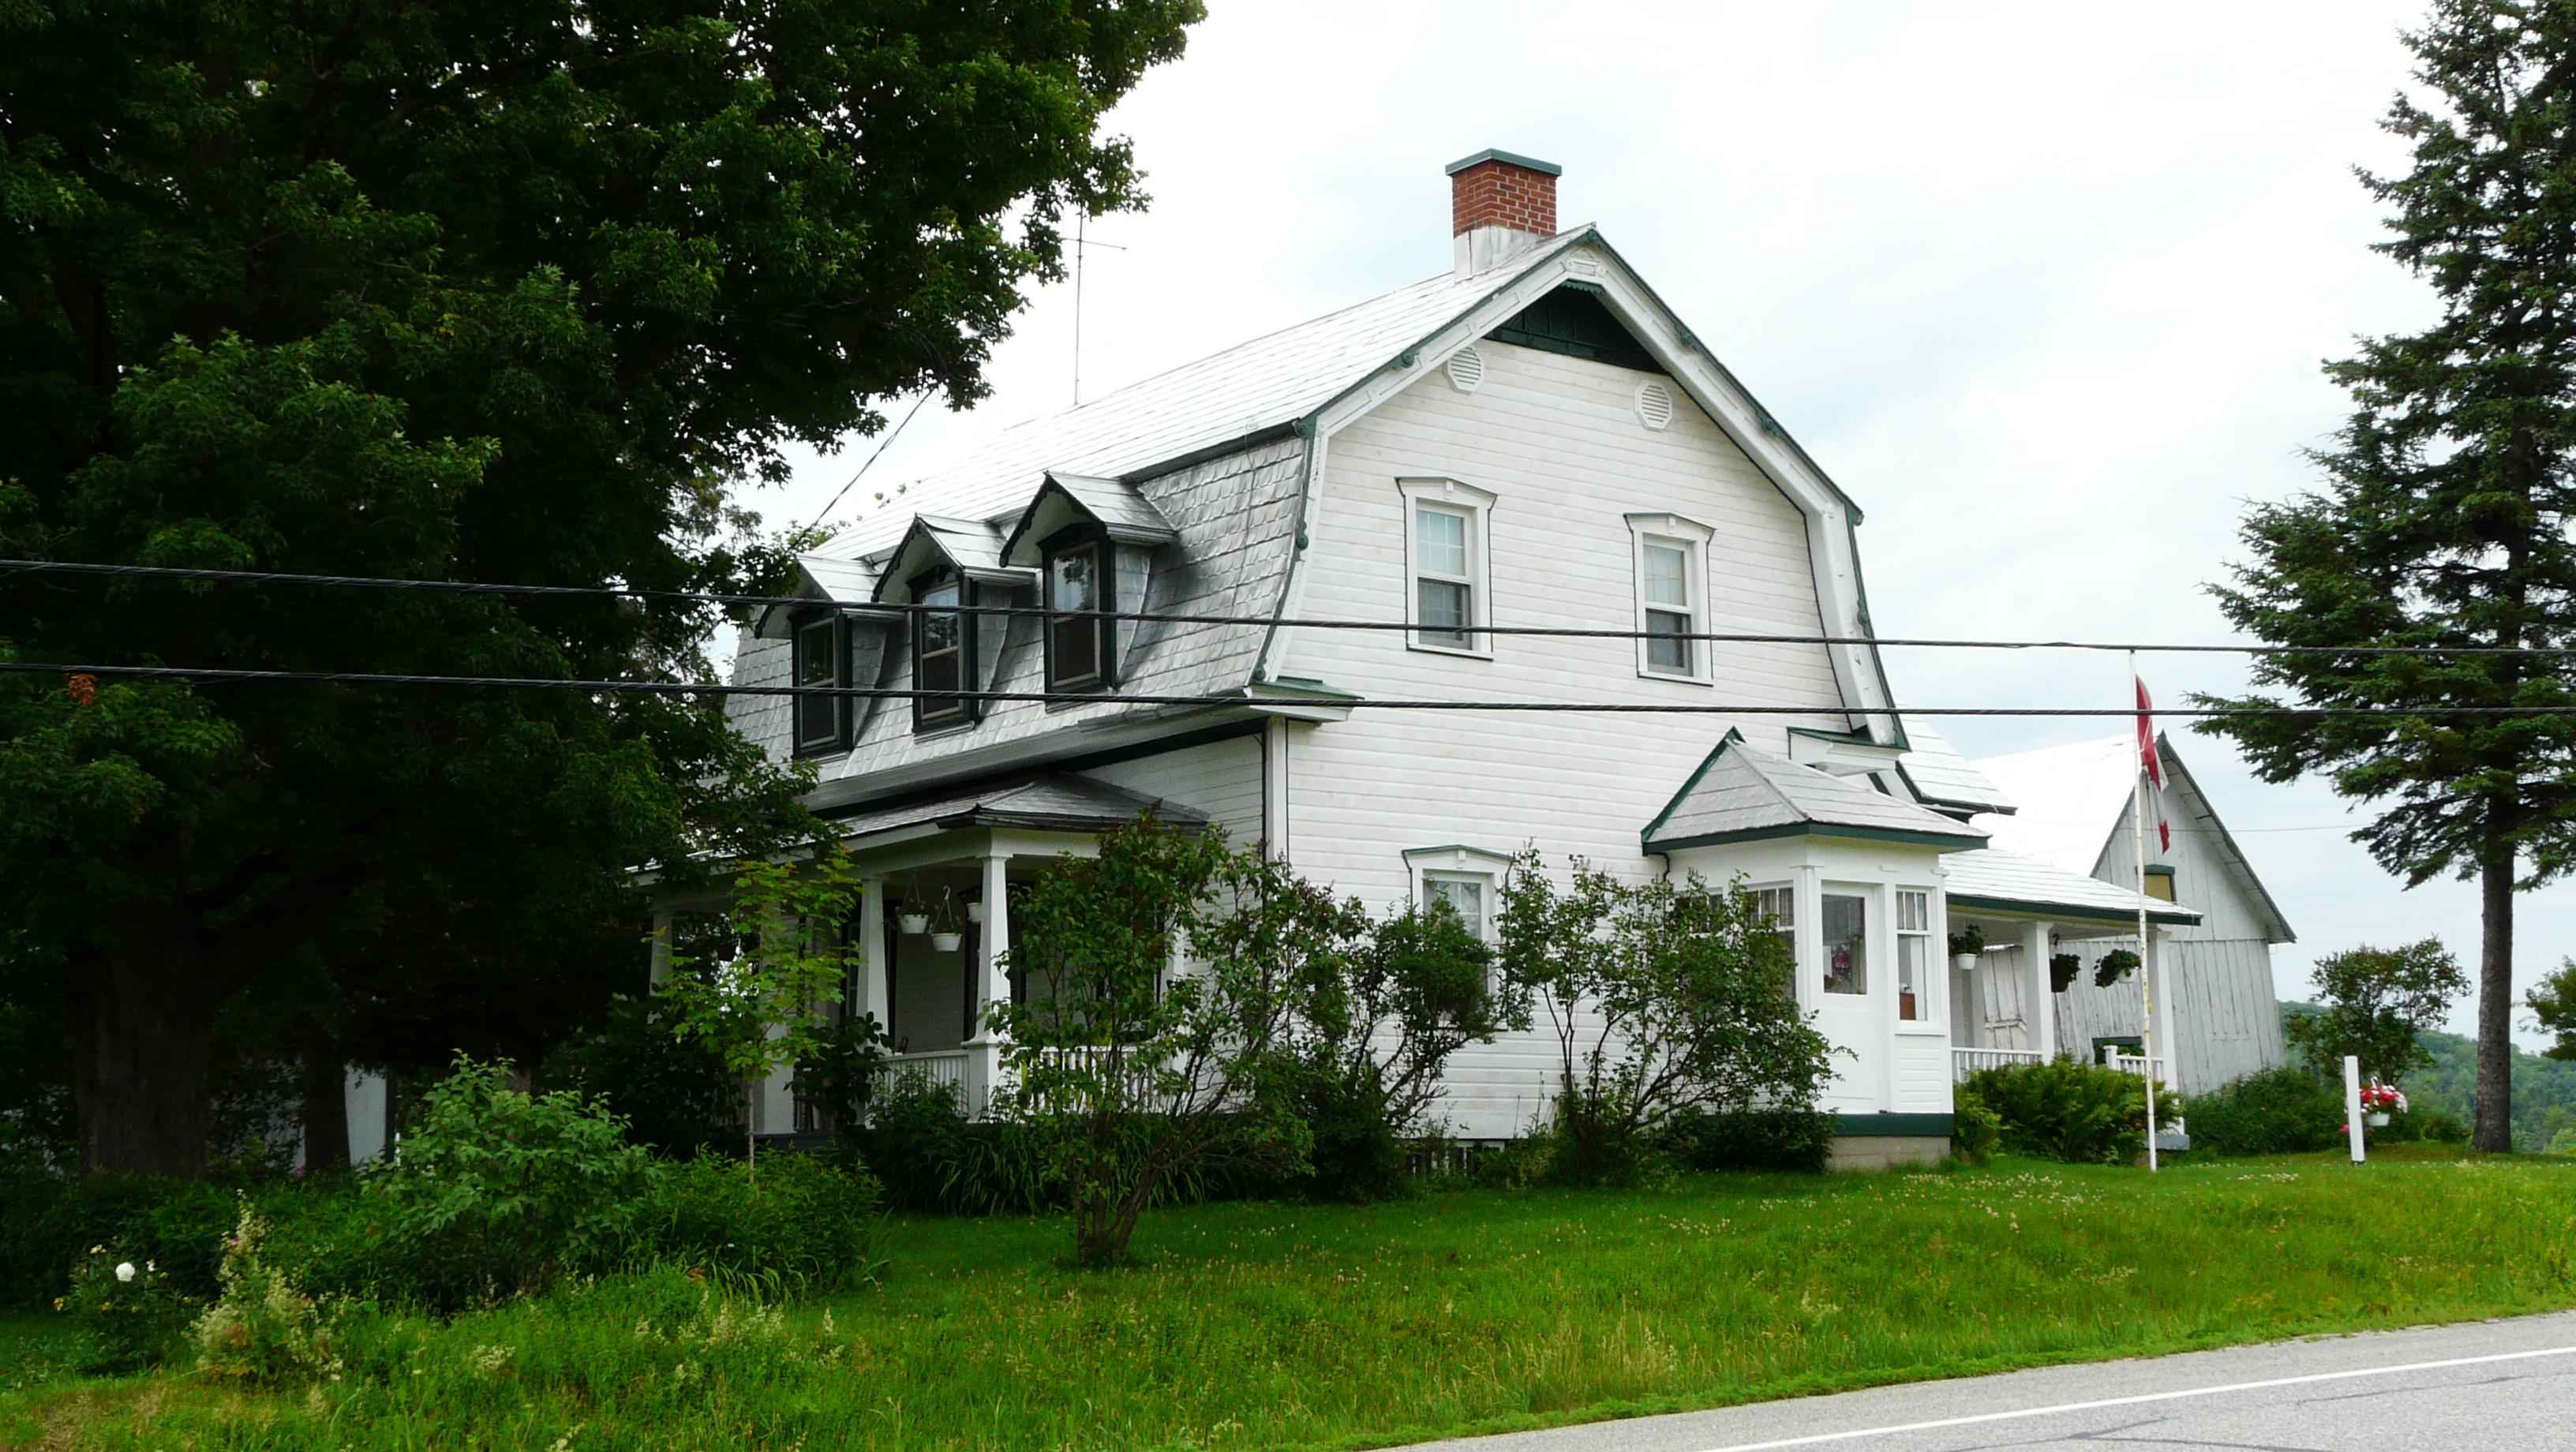 Maison Sifton-McClelland. ©MRC des Collines-de-l'Outaouais